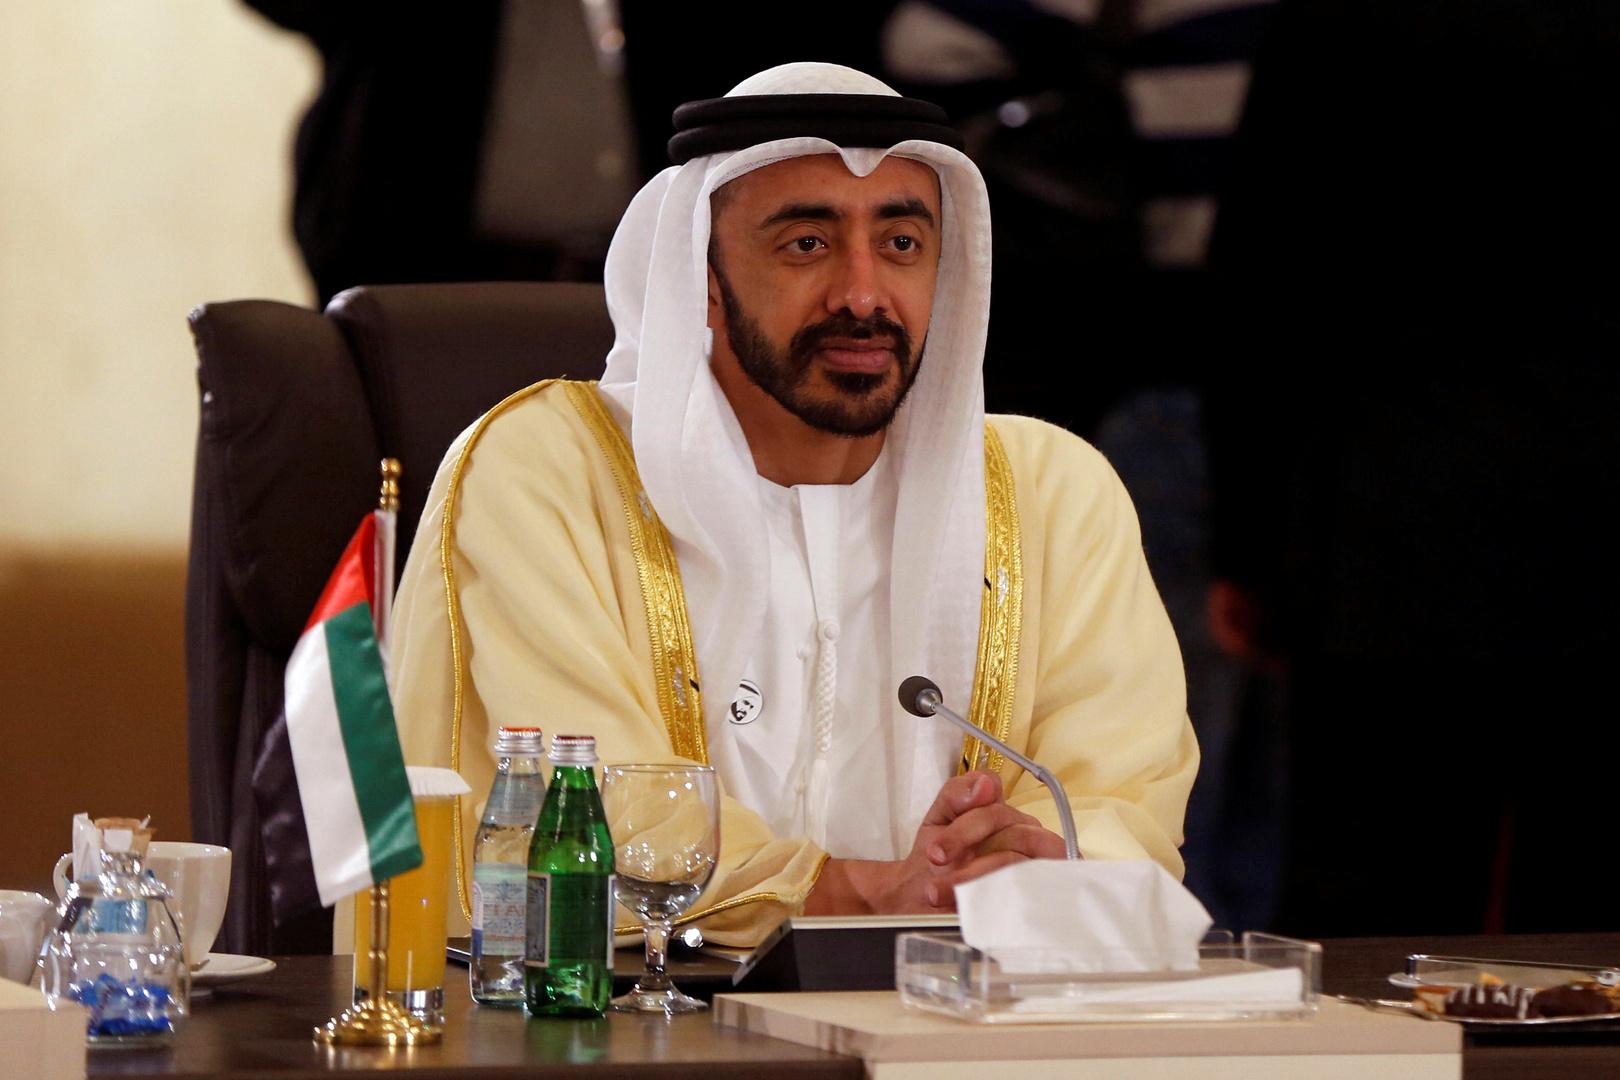 وزير الخارجية الإماراتي يغرد بكلمتين باللغة العبرية